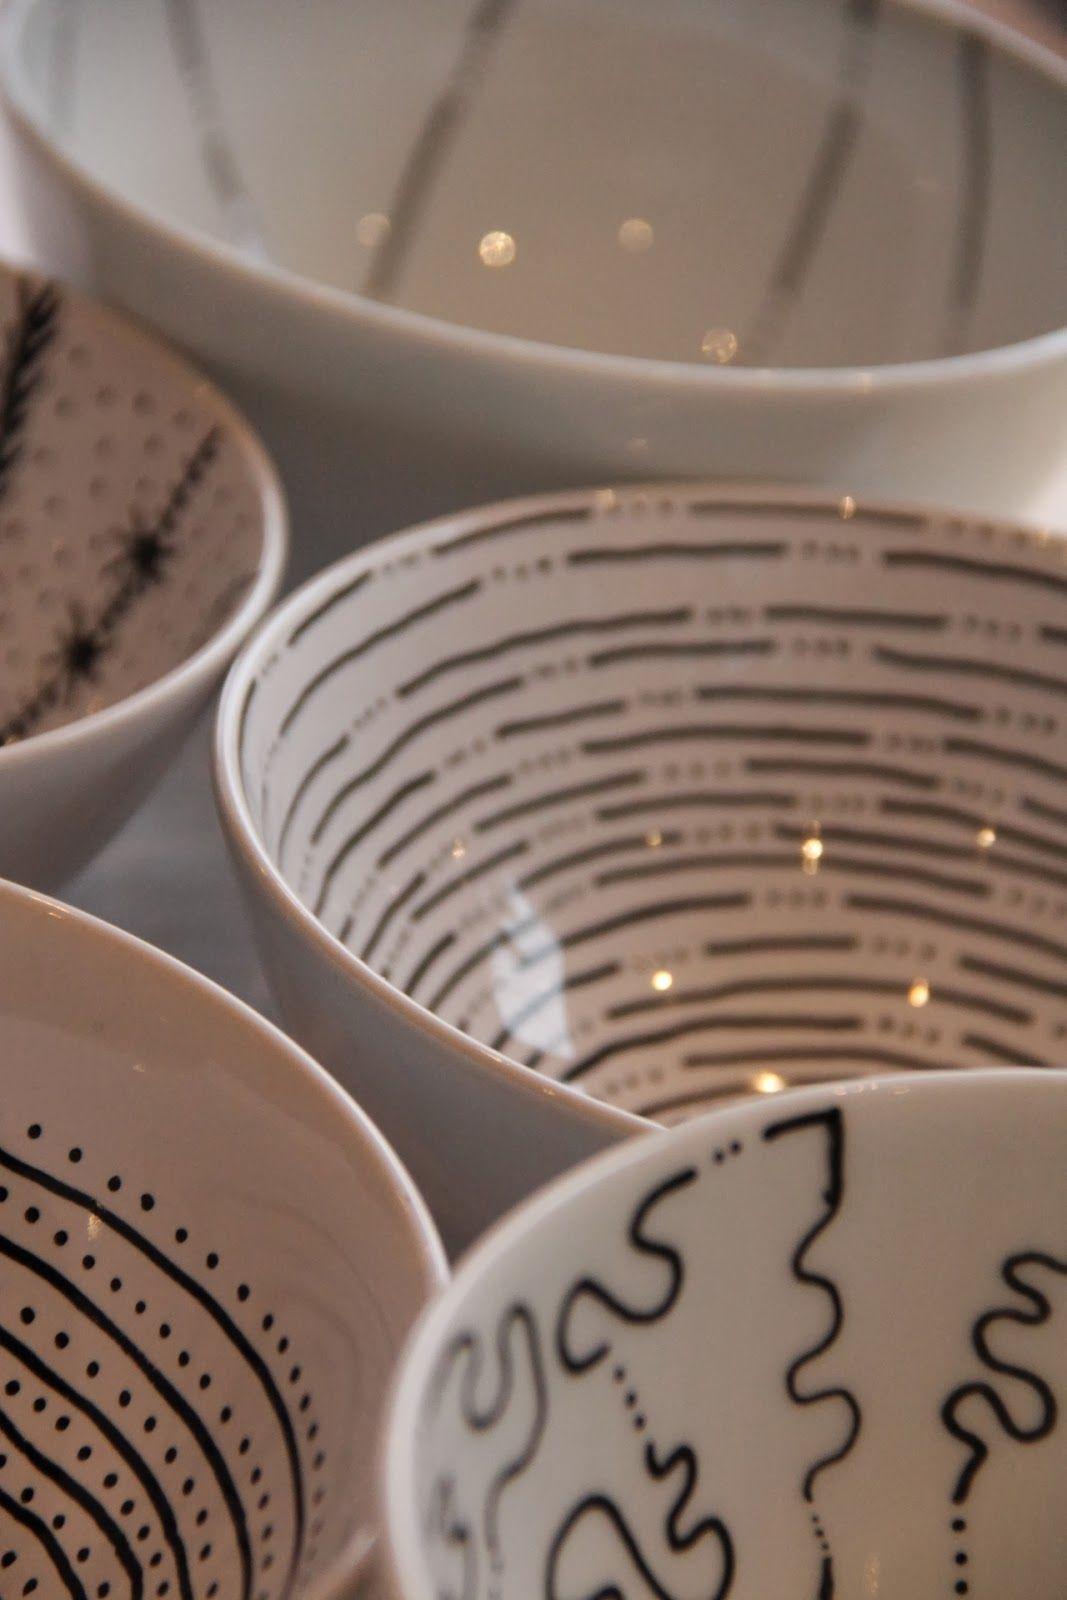 knusperzwergundfeenstaub von weissen sch sseln porzellan bemalen keramik porzellan. Black Bedroom Furniture Sets. Home Design Ideas